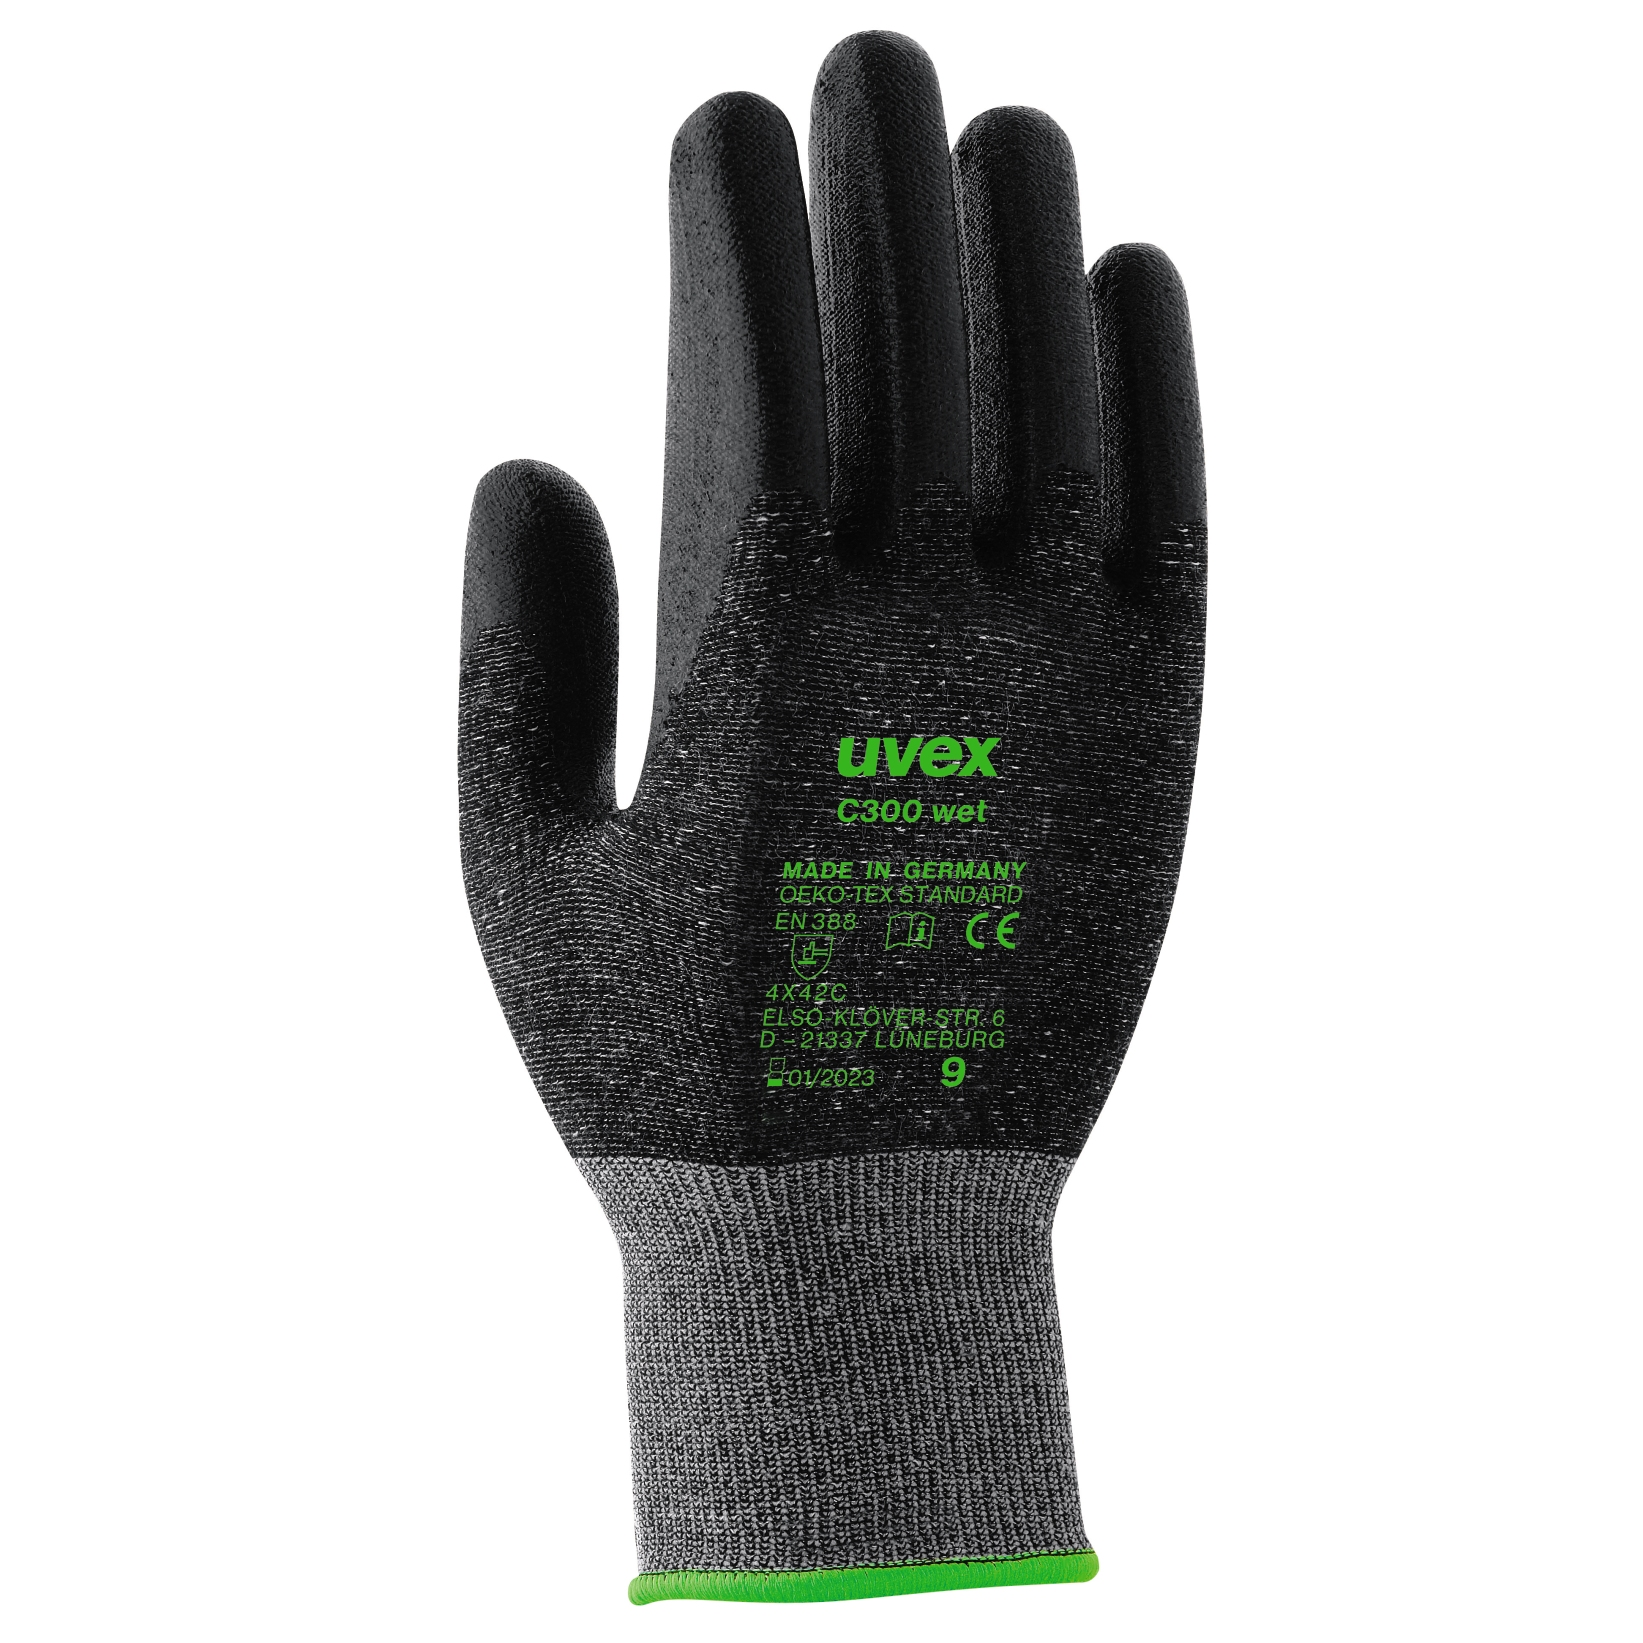 Arbeitshandschuh Wet Grip 9-10 Arbeitshandschuhe Handschuhe Handschutz